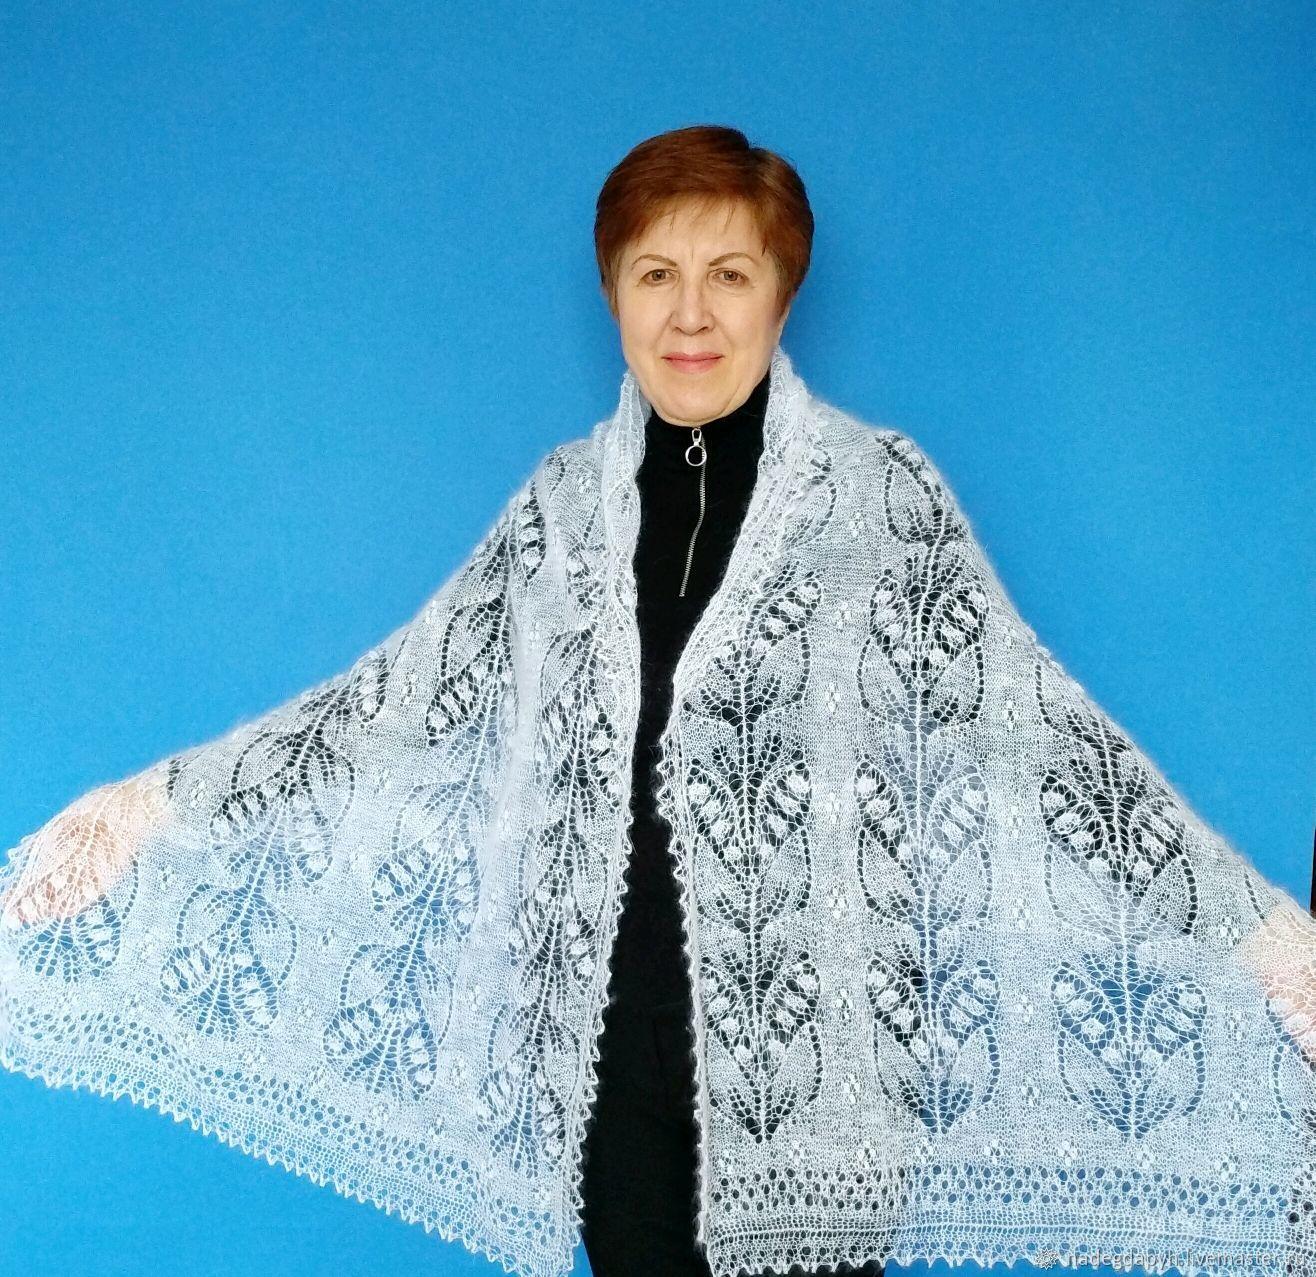 252 палантин оренбургский пуховый белый ажурный аксессуары, Палантины, Оренбург,  Фото №1